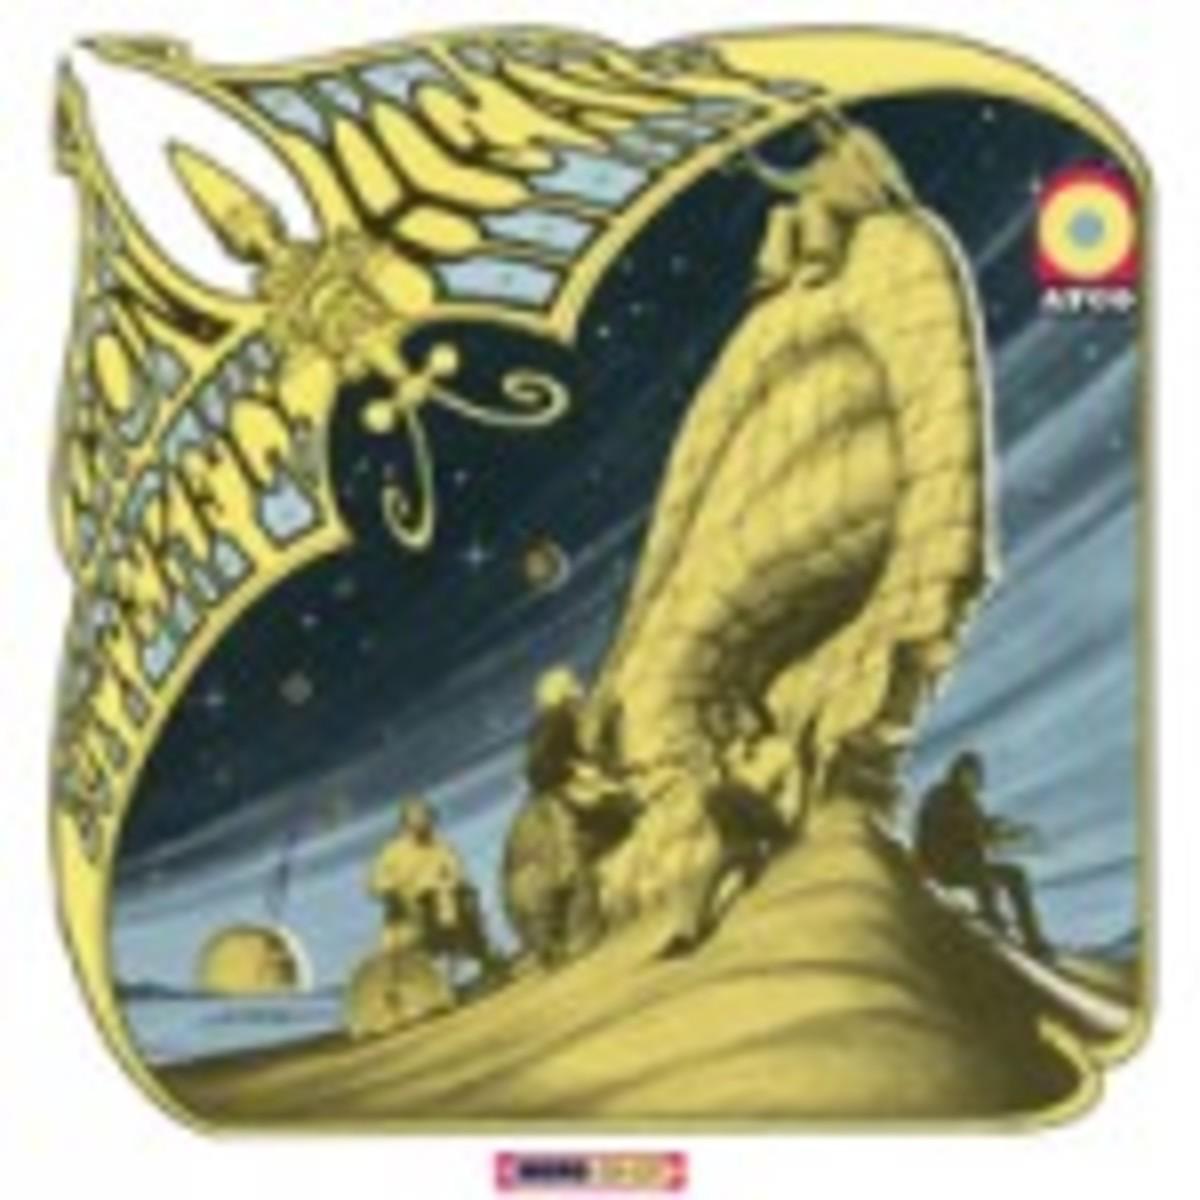 Iron Butterfly Heavy on vinyl